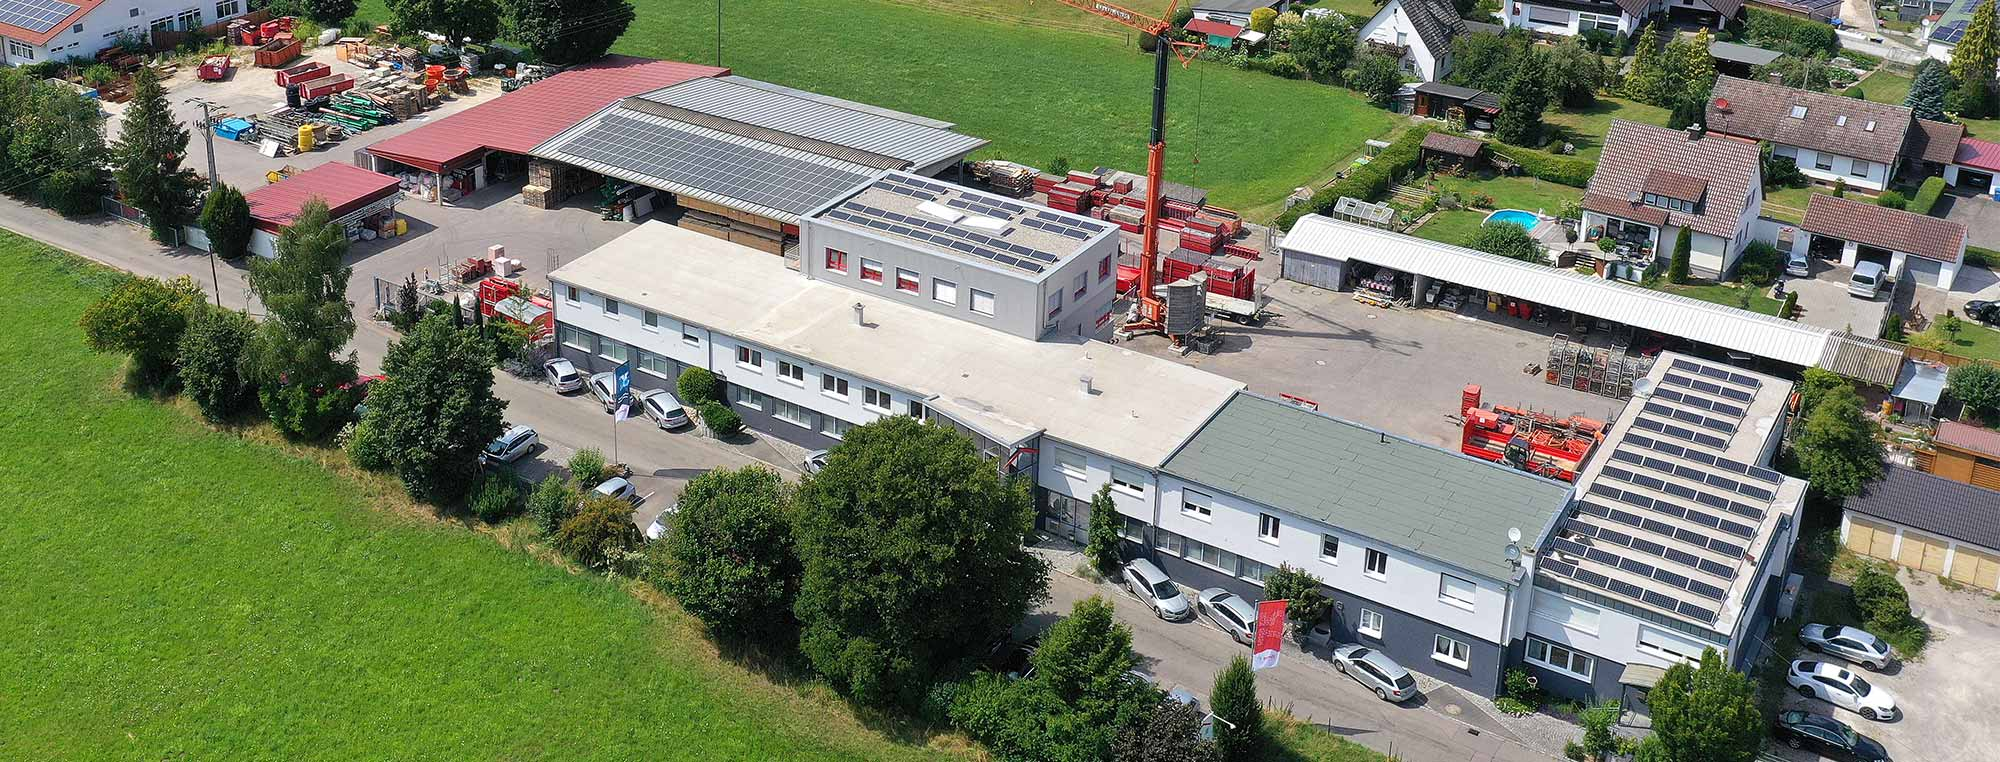 Das Bauunternehmen bendl - Ihr Partner rund um das Thema Bau seit 1945.